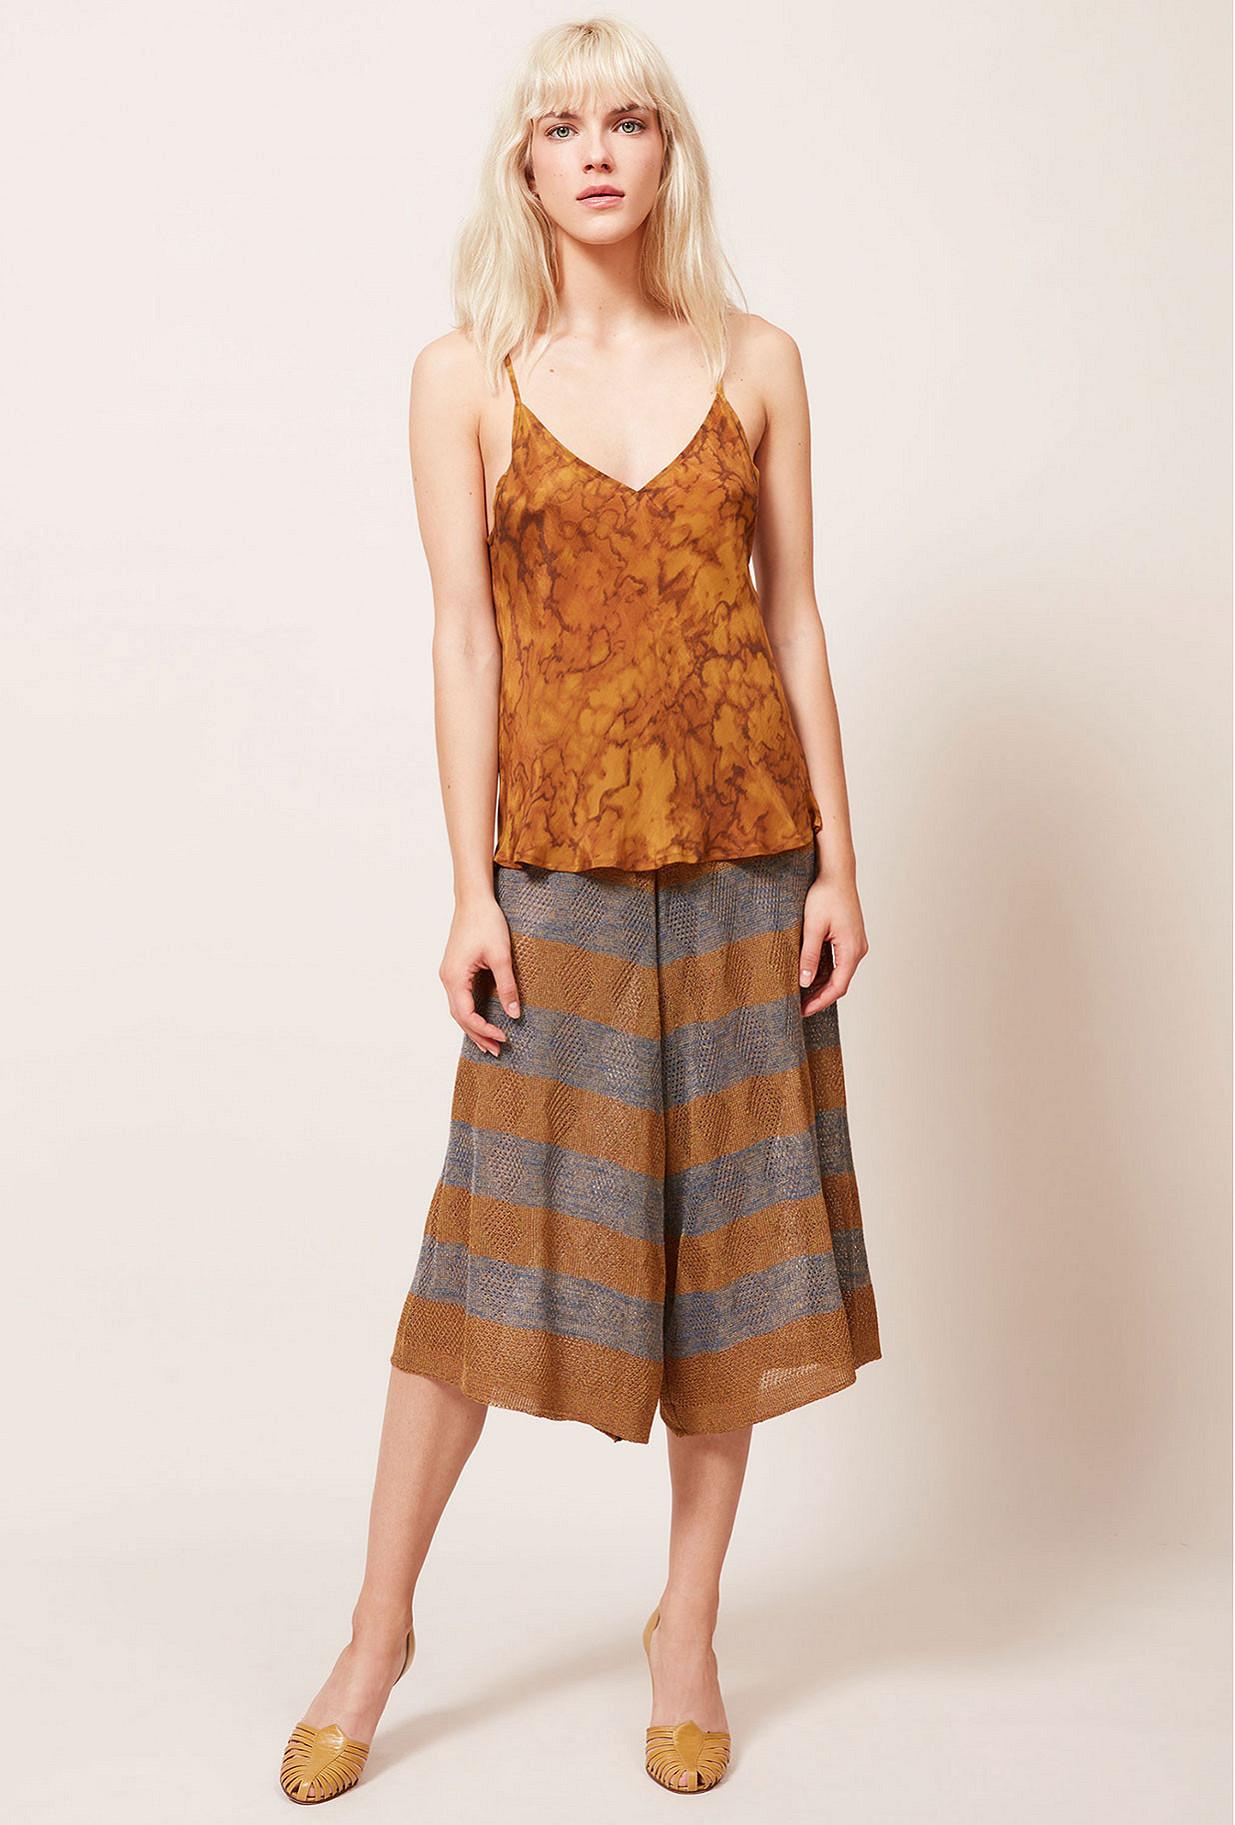 Paris boutique de mode vêtement Top créateur bohème  Muse